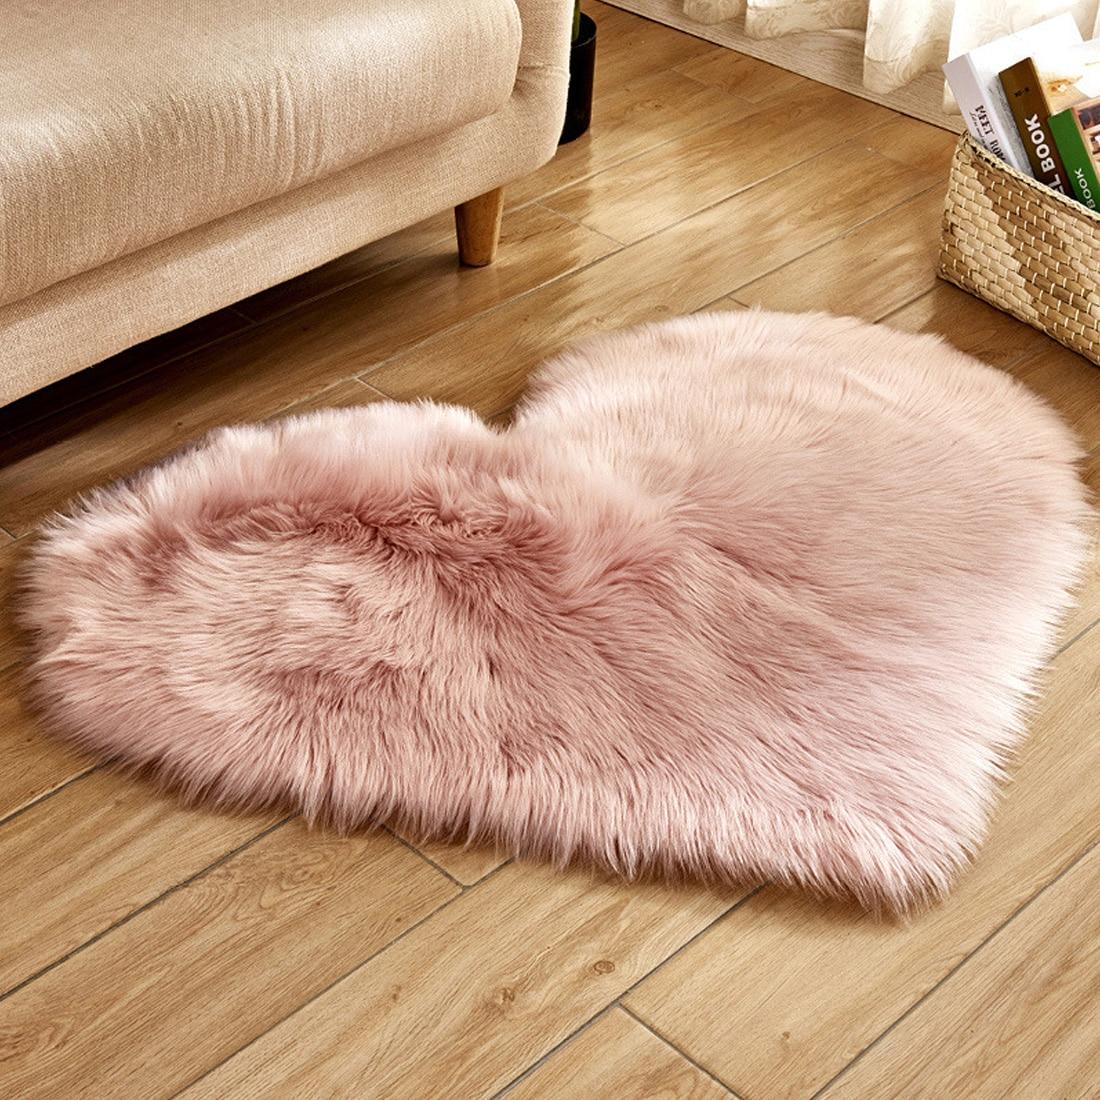 Liebe Herz Teppiche Künstliche Wolle Haarigen Teppich Faux Boden Matte Pelz Plain Flauschigen Bereich Teppich Weichen Wohnzimmer Teppich Schlafzimmer boden Matte